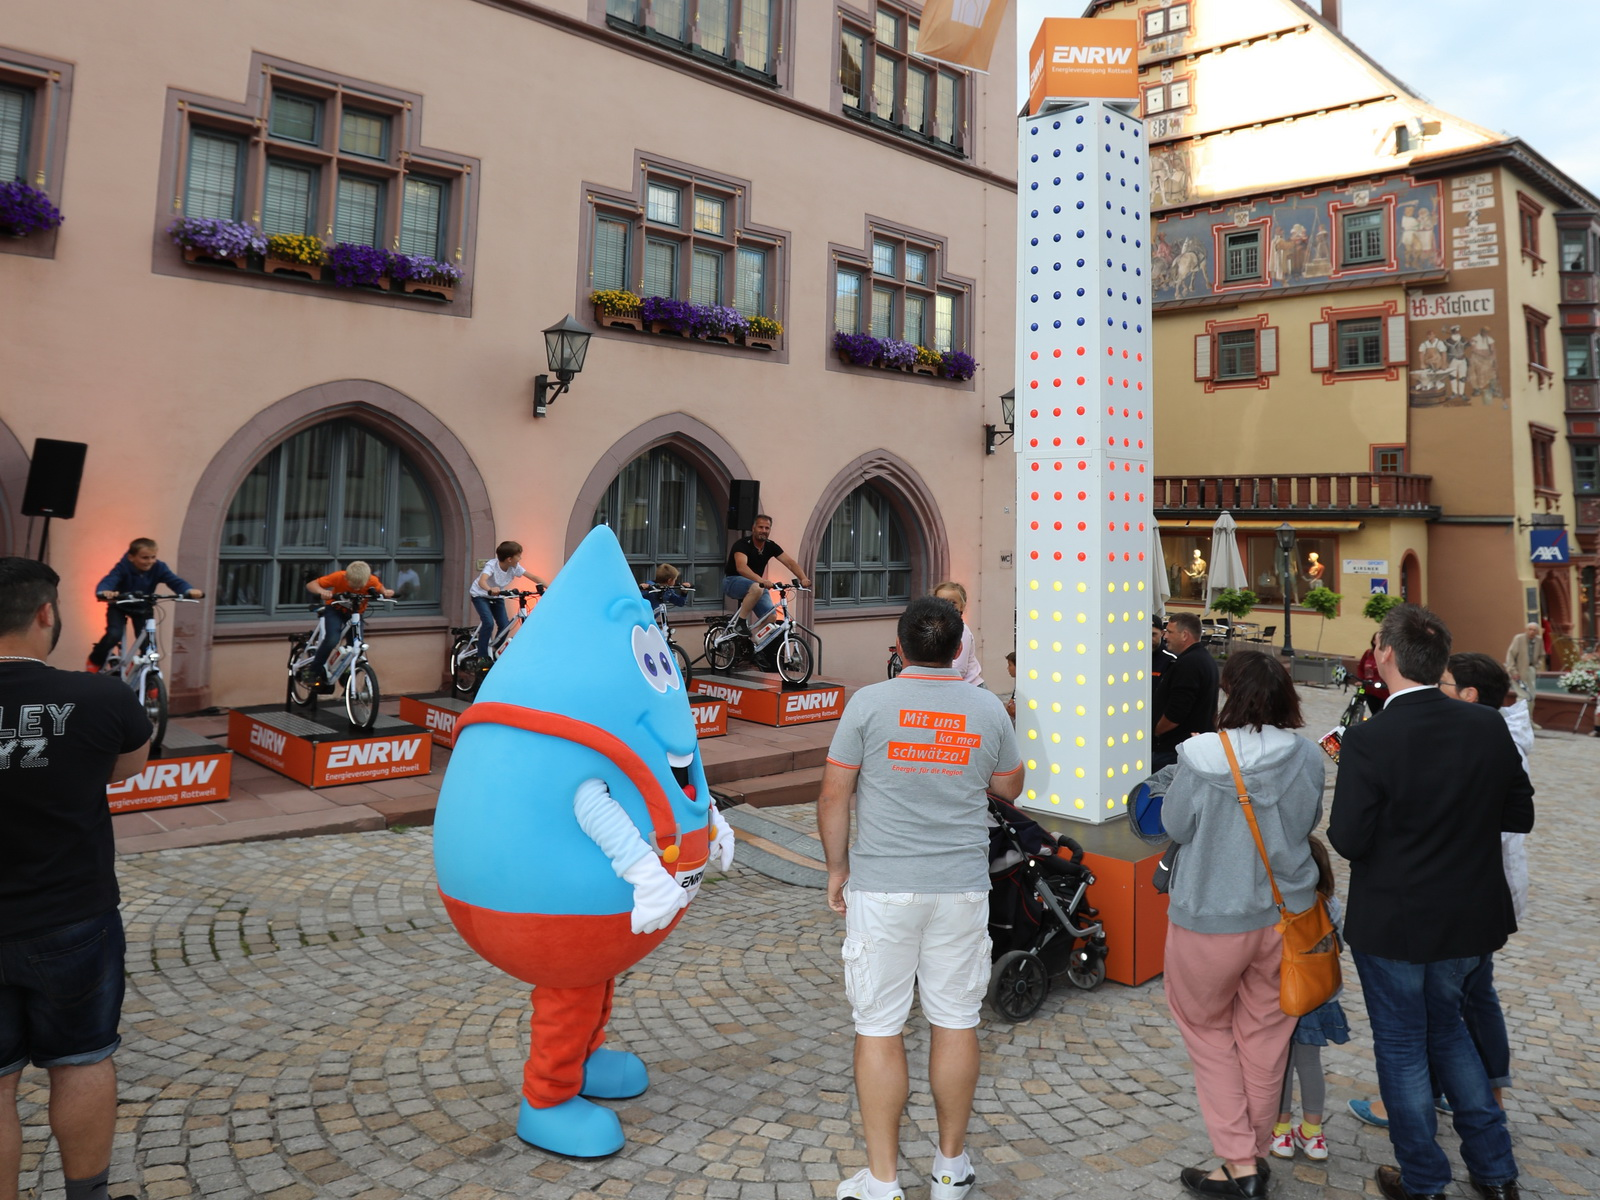 Blubbi bewundert den ENRW-Leuchtturm